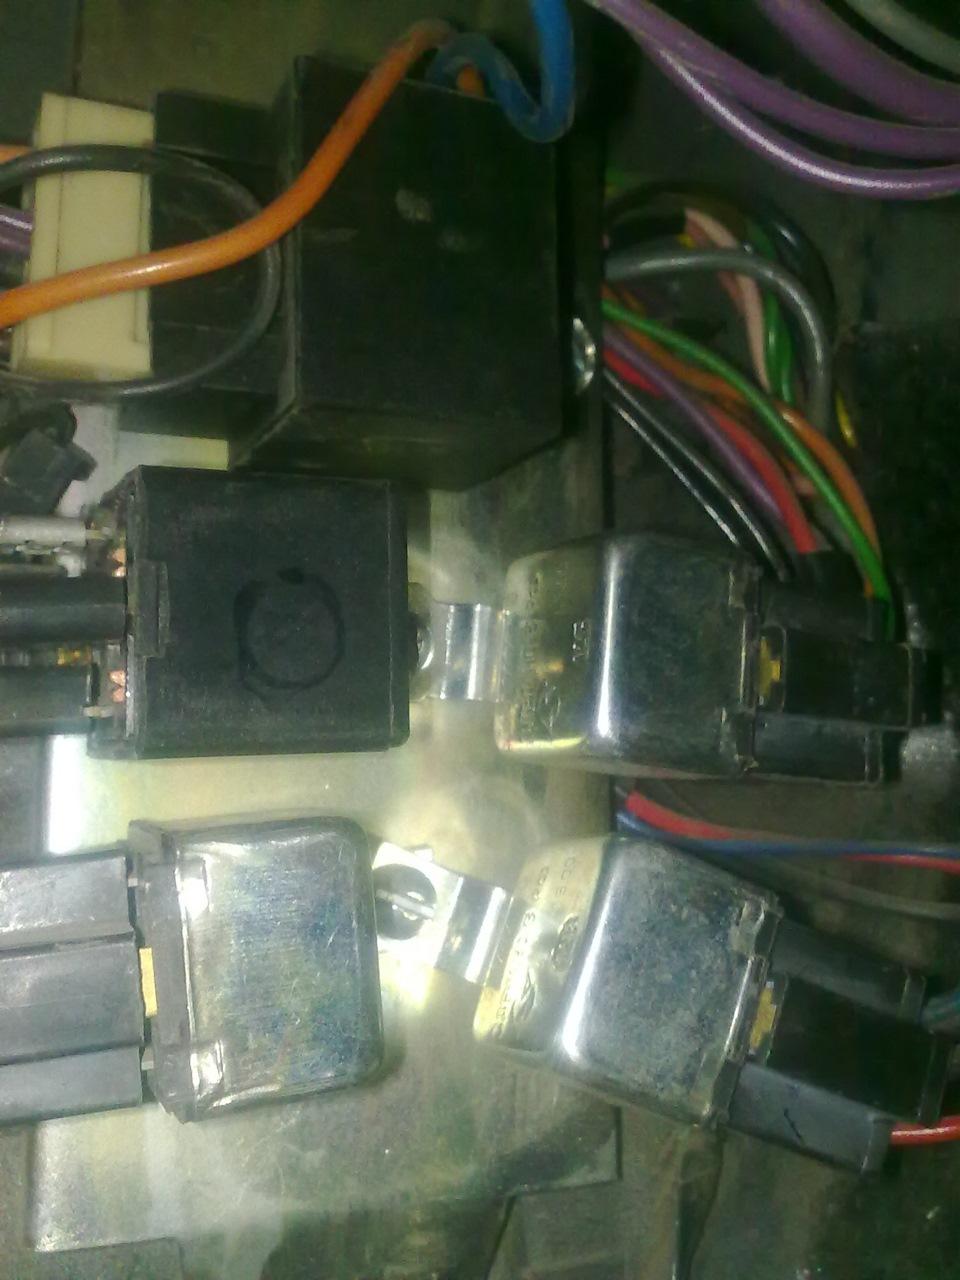 труда Электробезопасность газ 3307 реле стеклоочистителя где находится появилась